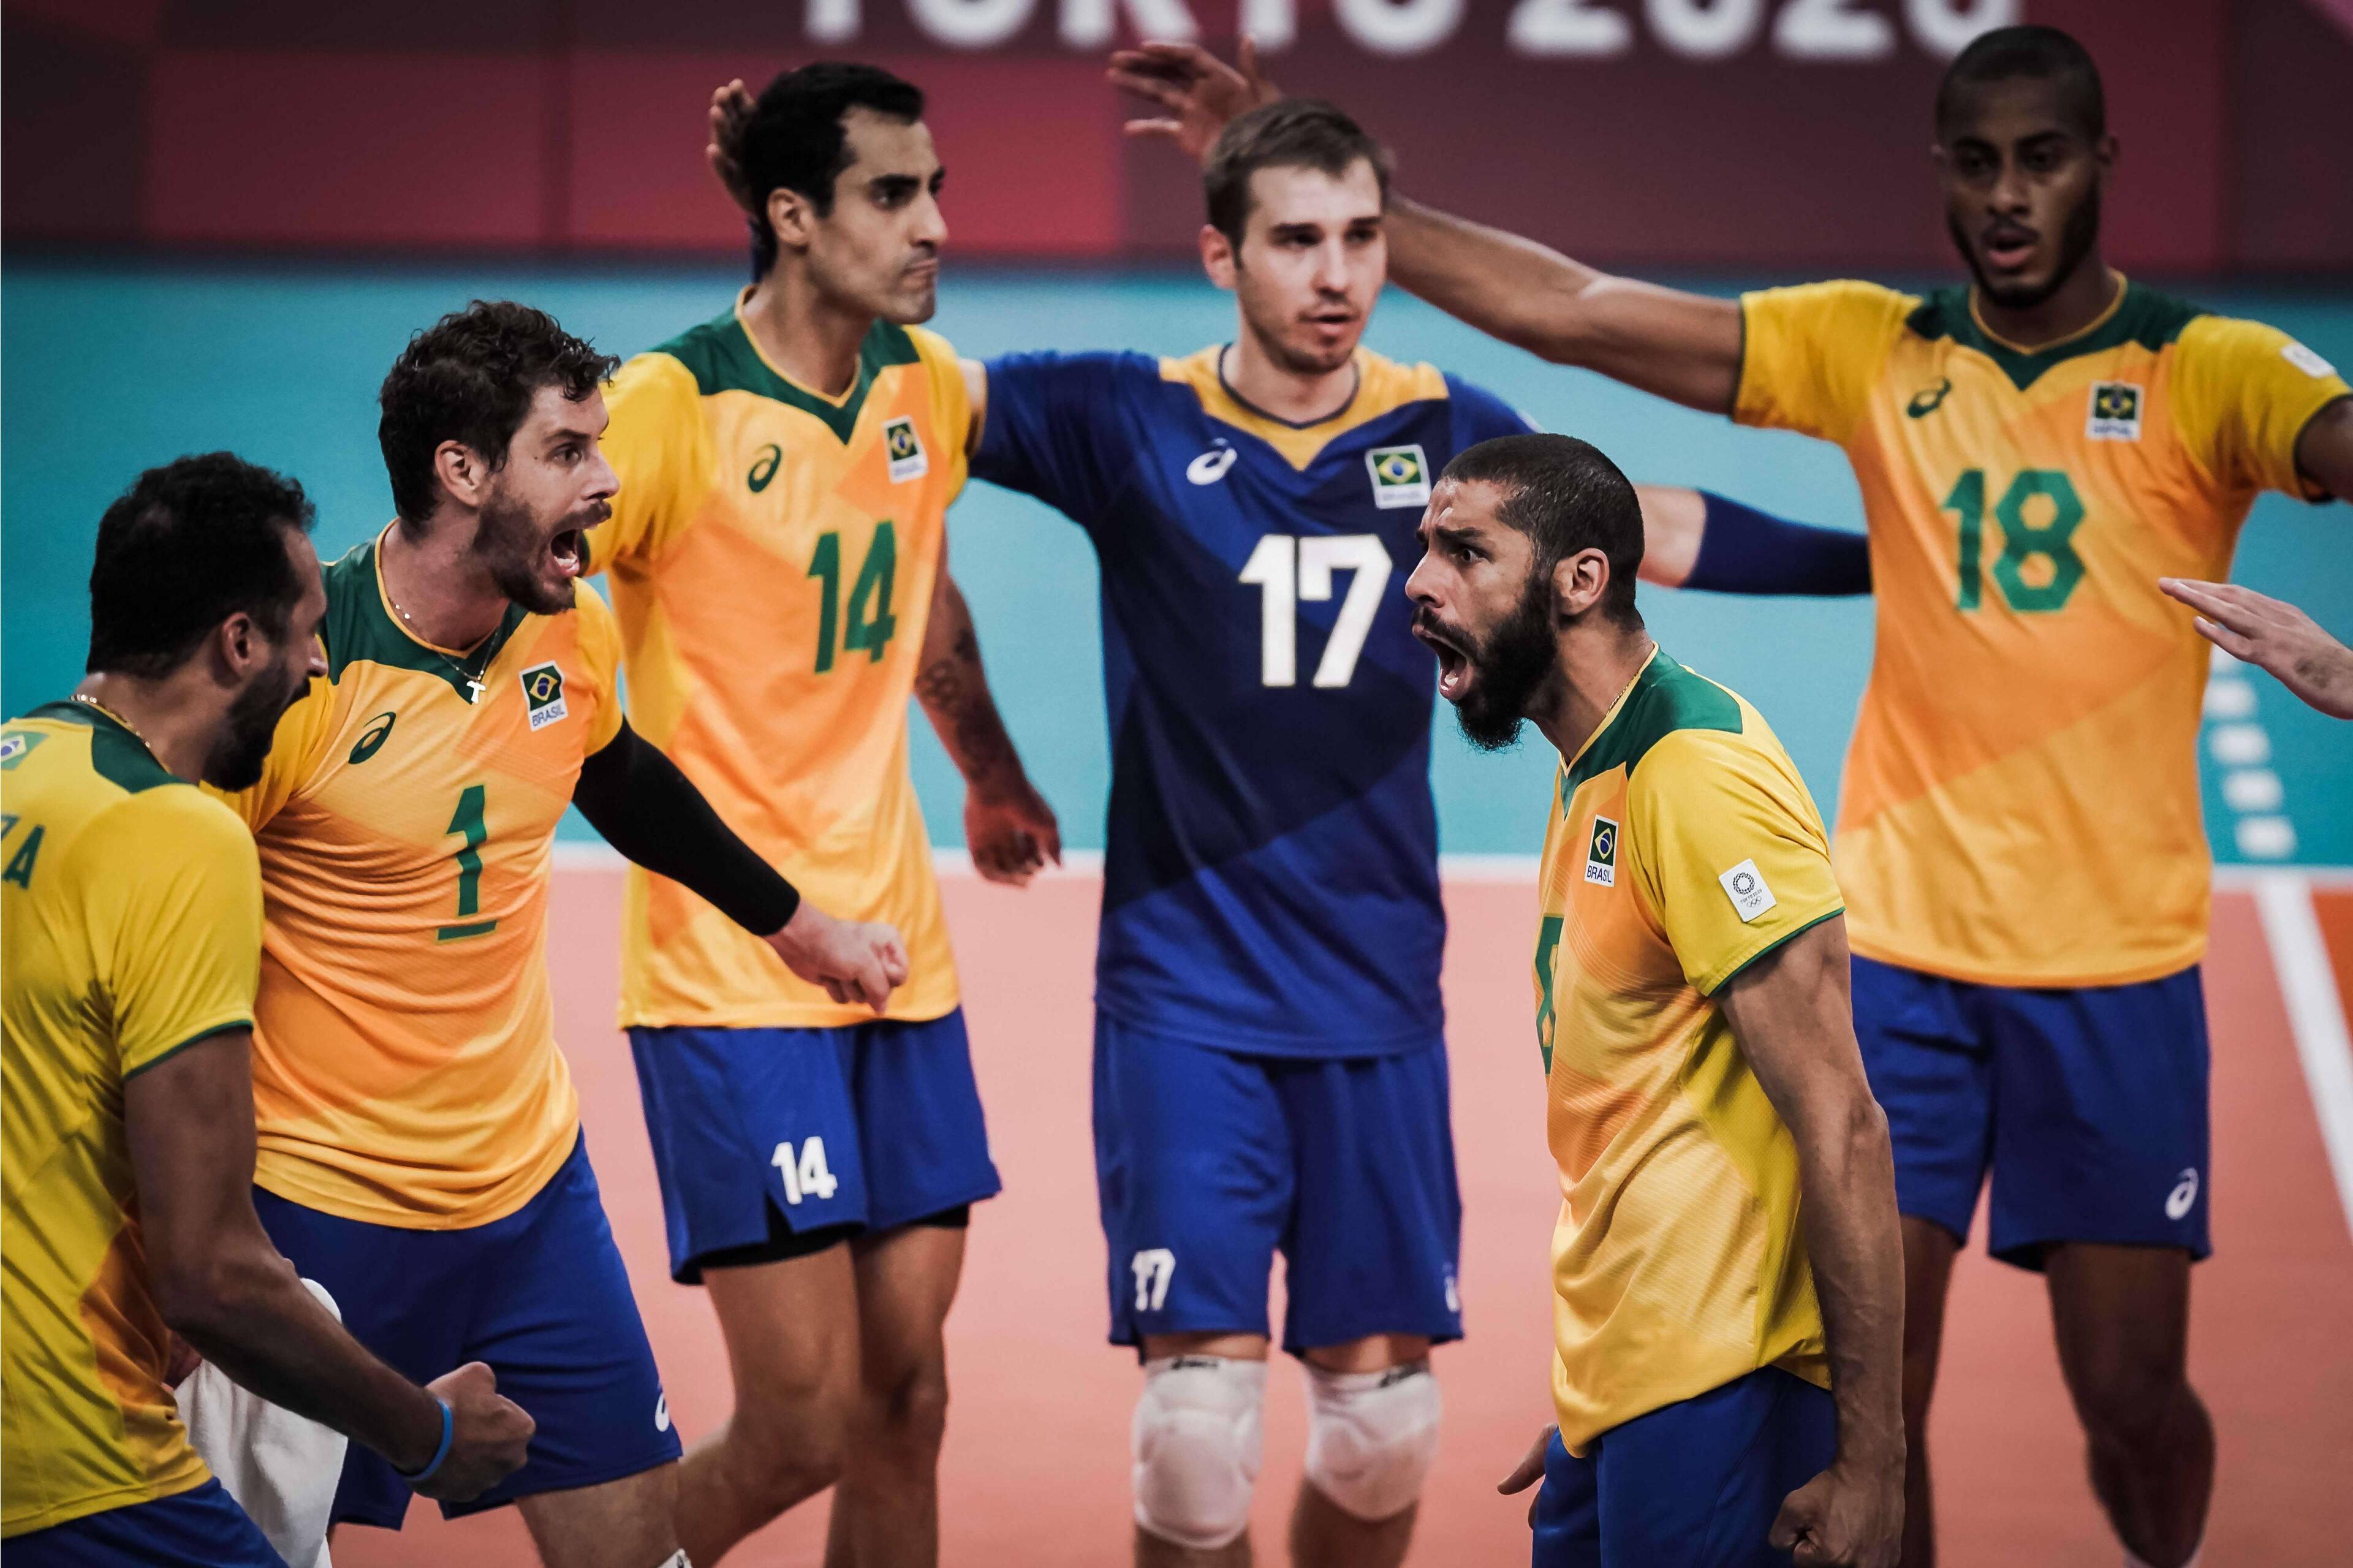 Foto: FIVB / DIVULGAÇÃO